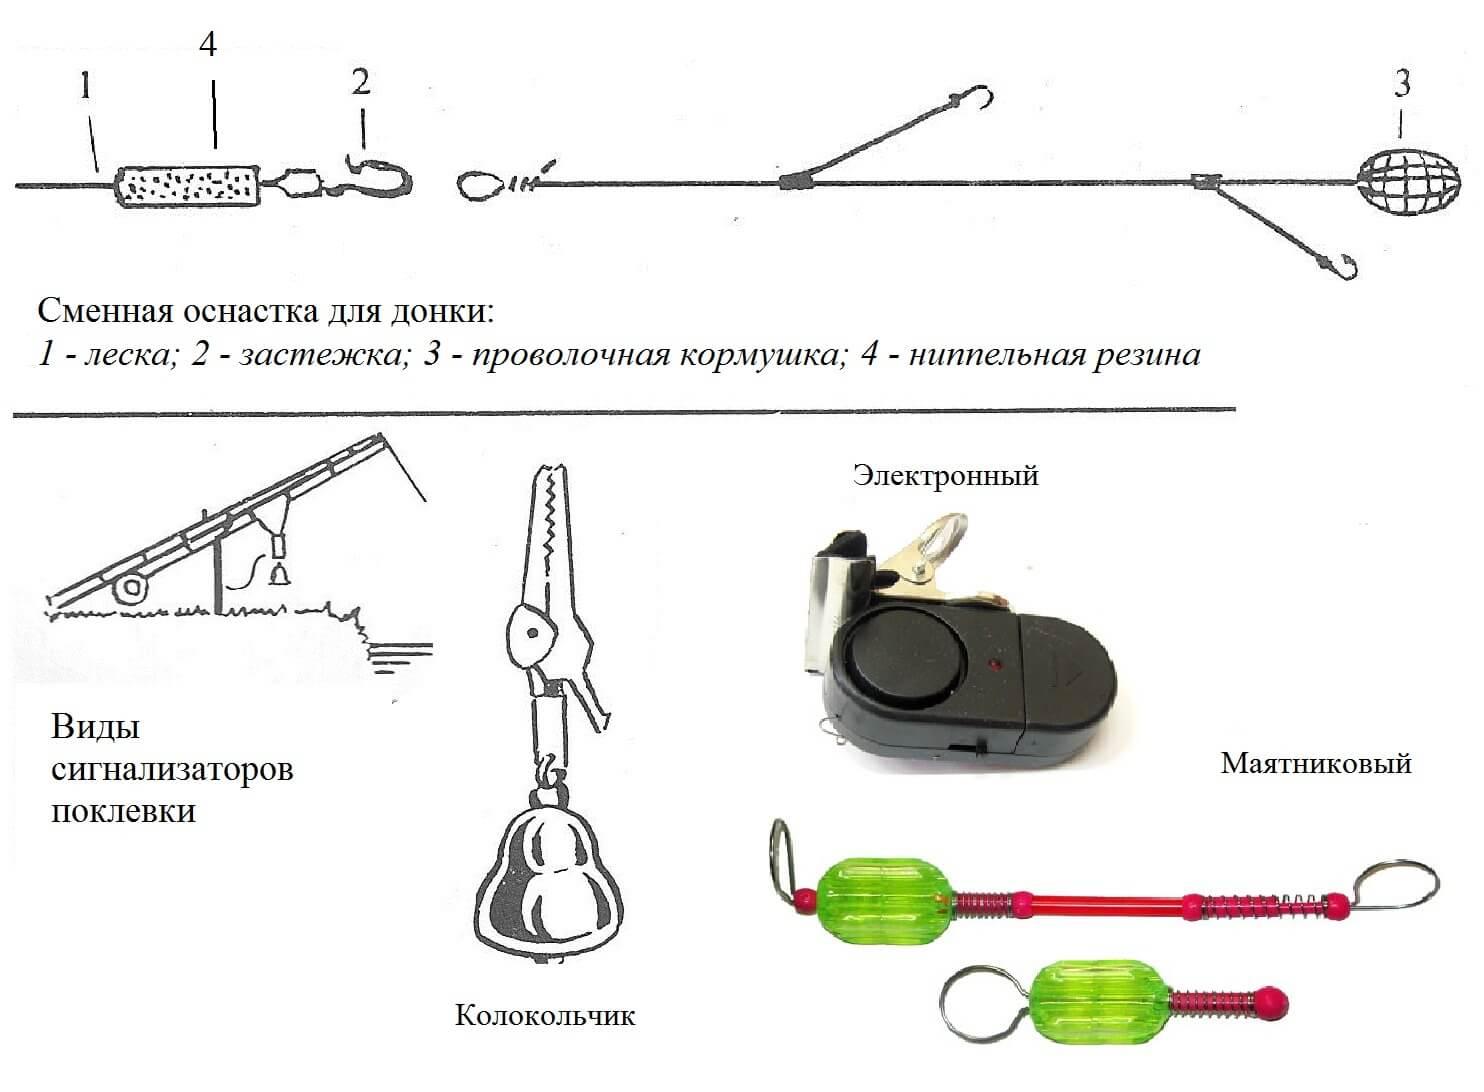 Ловля плотвы: способы, приманки, наживки, особенности